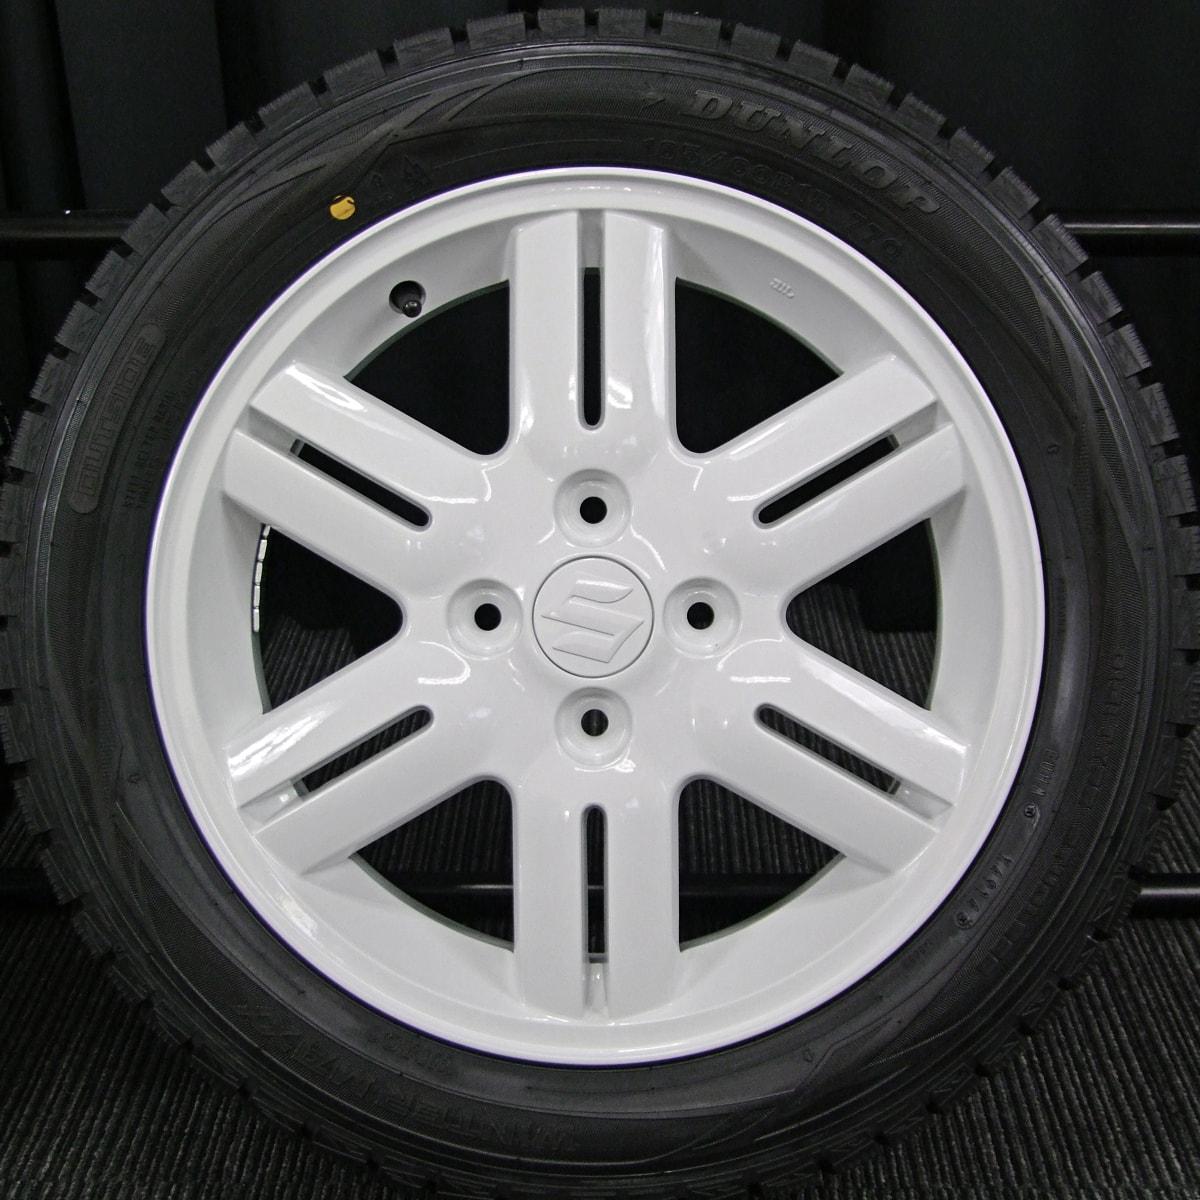 SUZUKI ワゴンRソリオ 純正 ホワイト DUNLOP WINTER MAXX WM01 165/60R15 4本SET